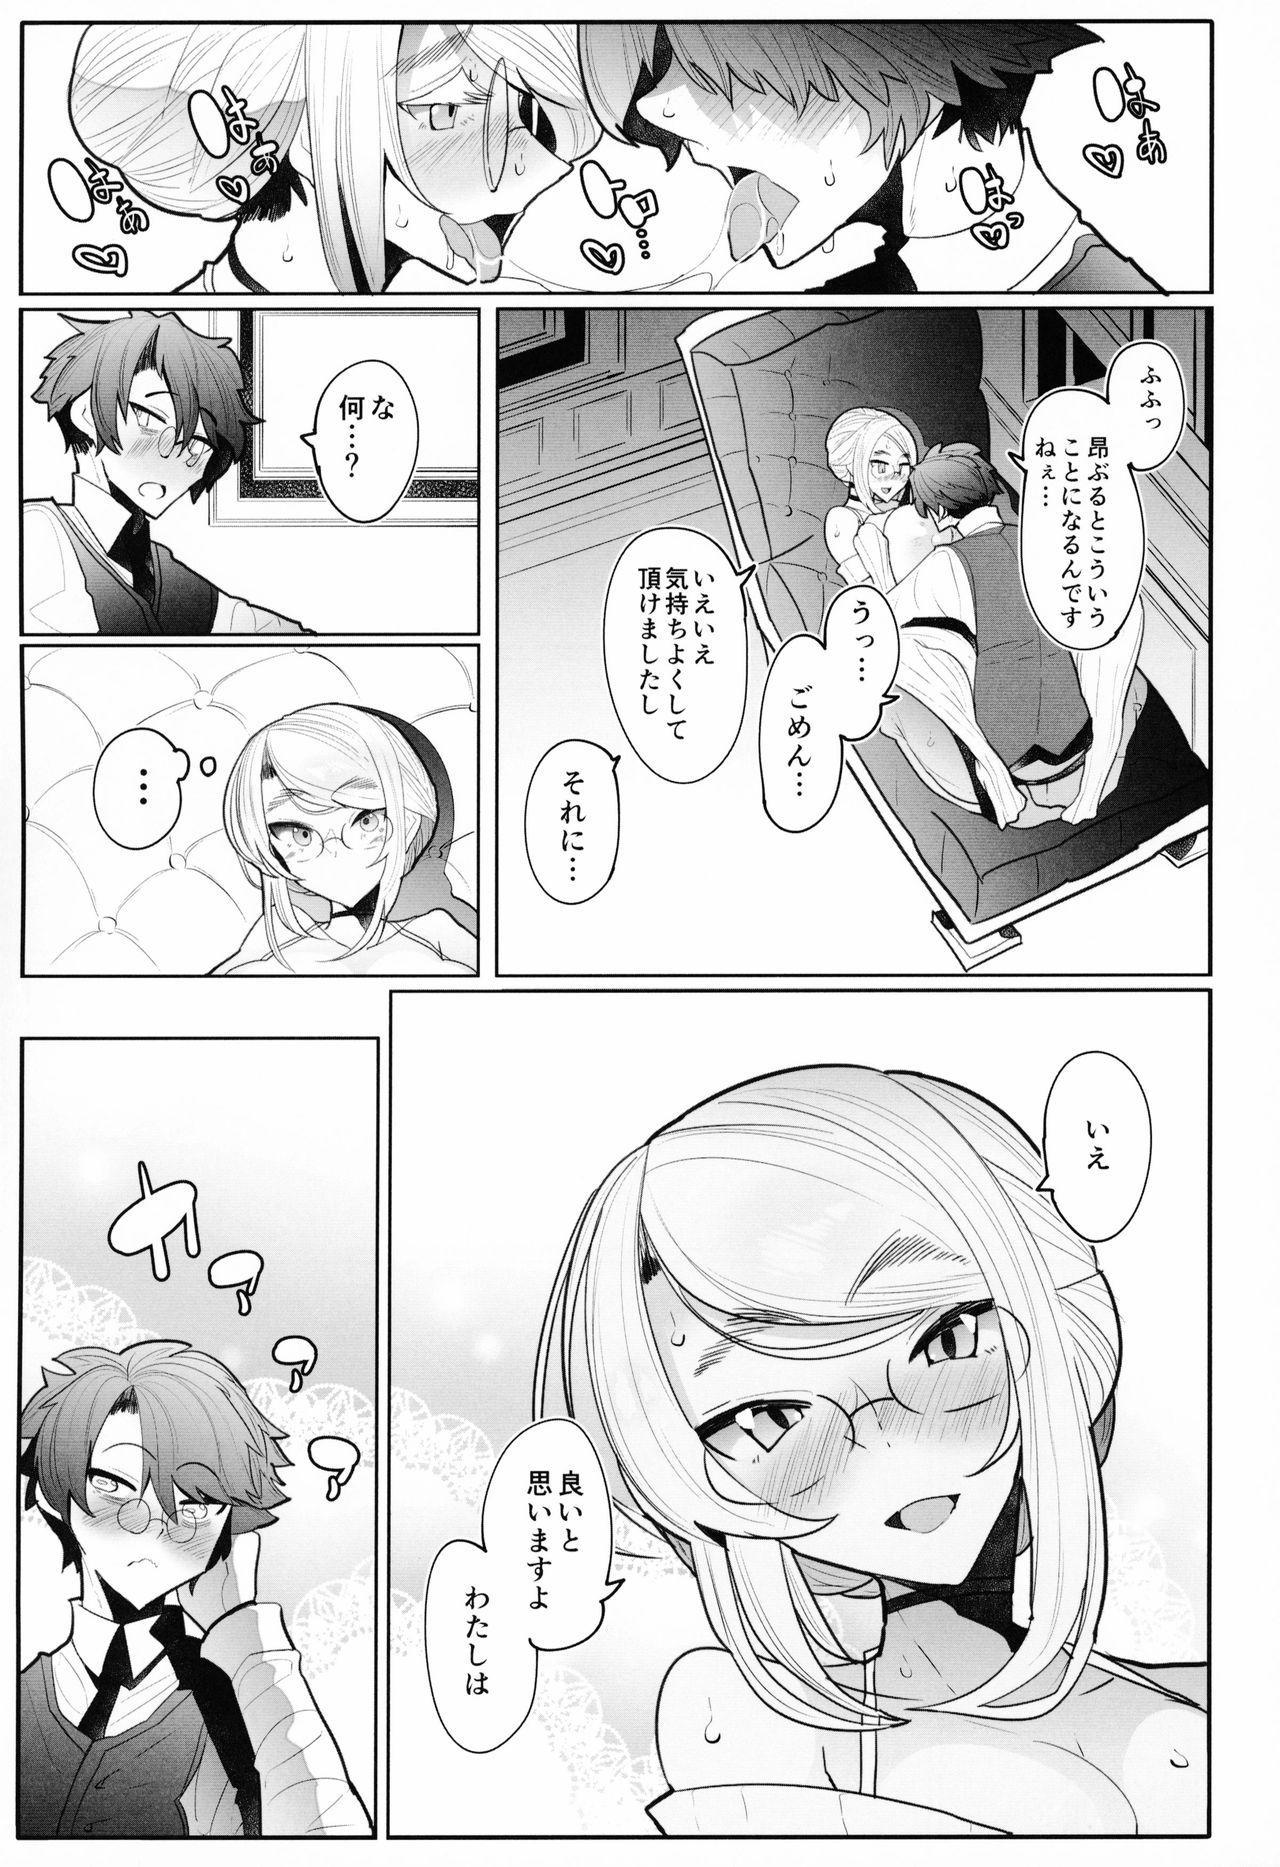 Shinshi Tsuki Maid no Sophie-san 3 51